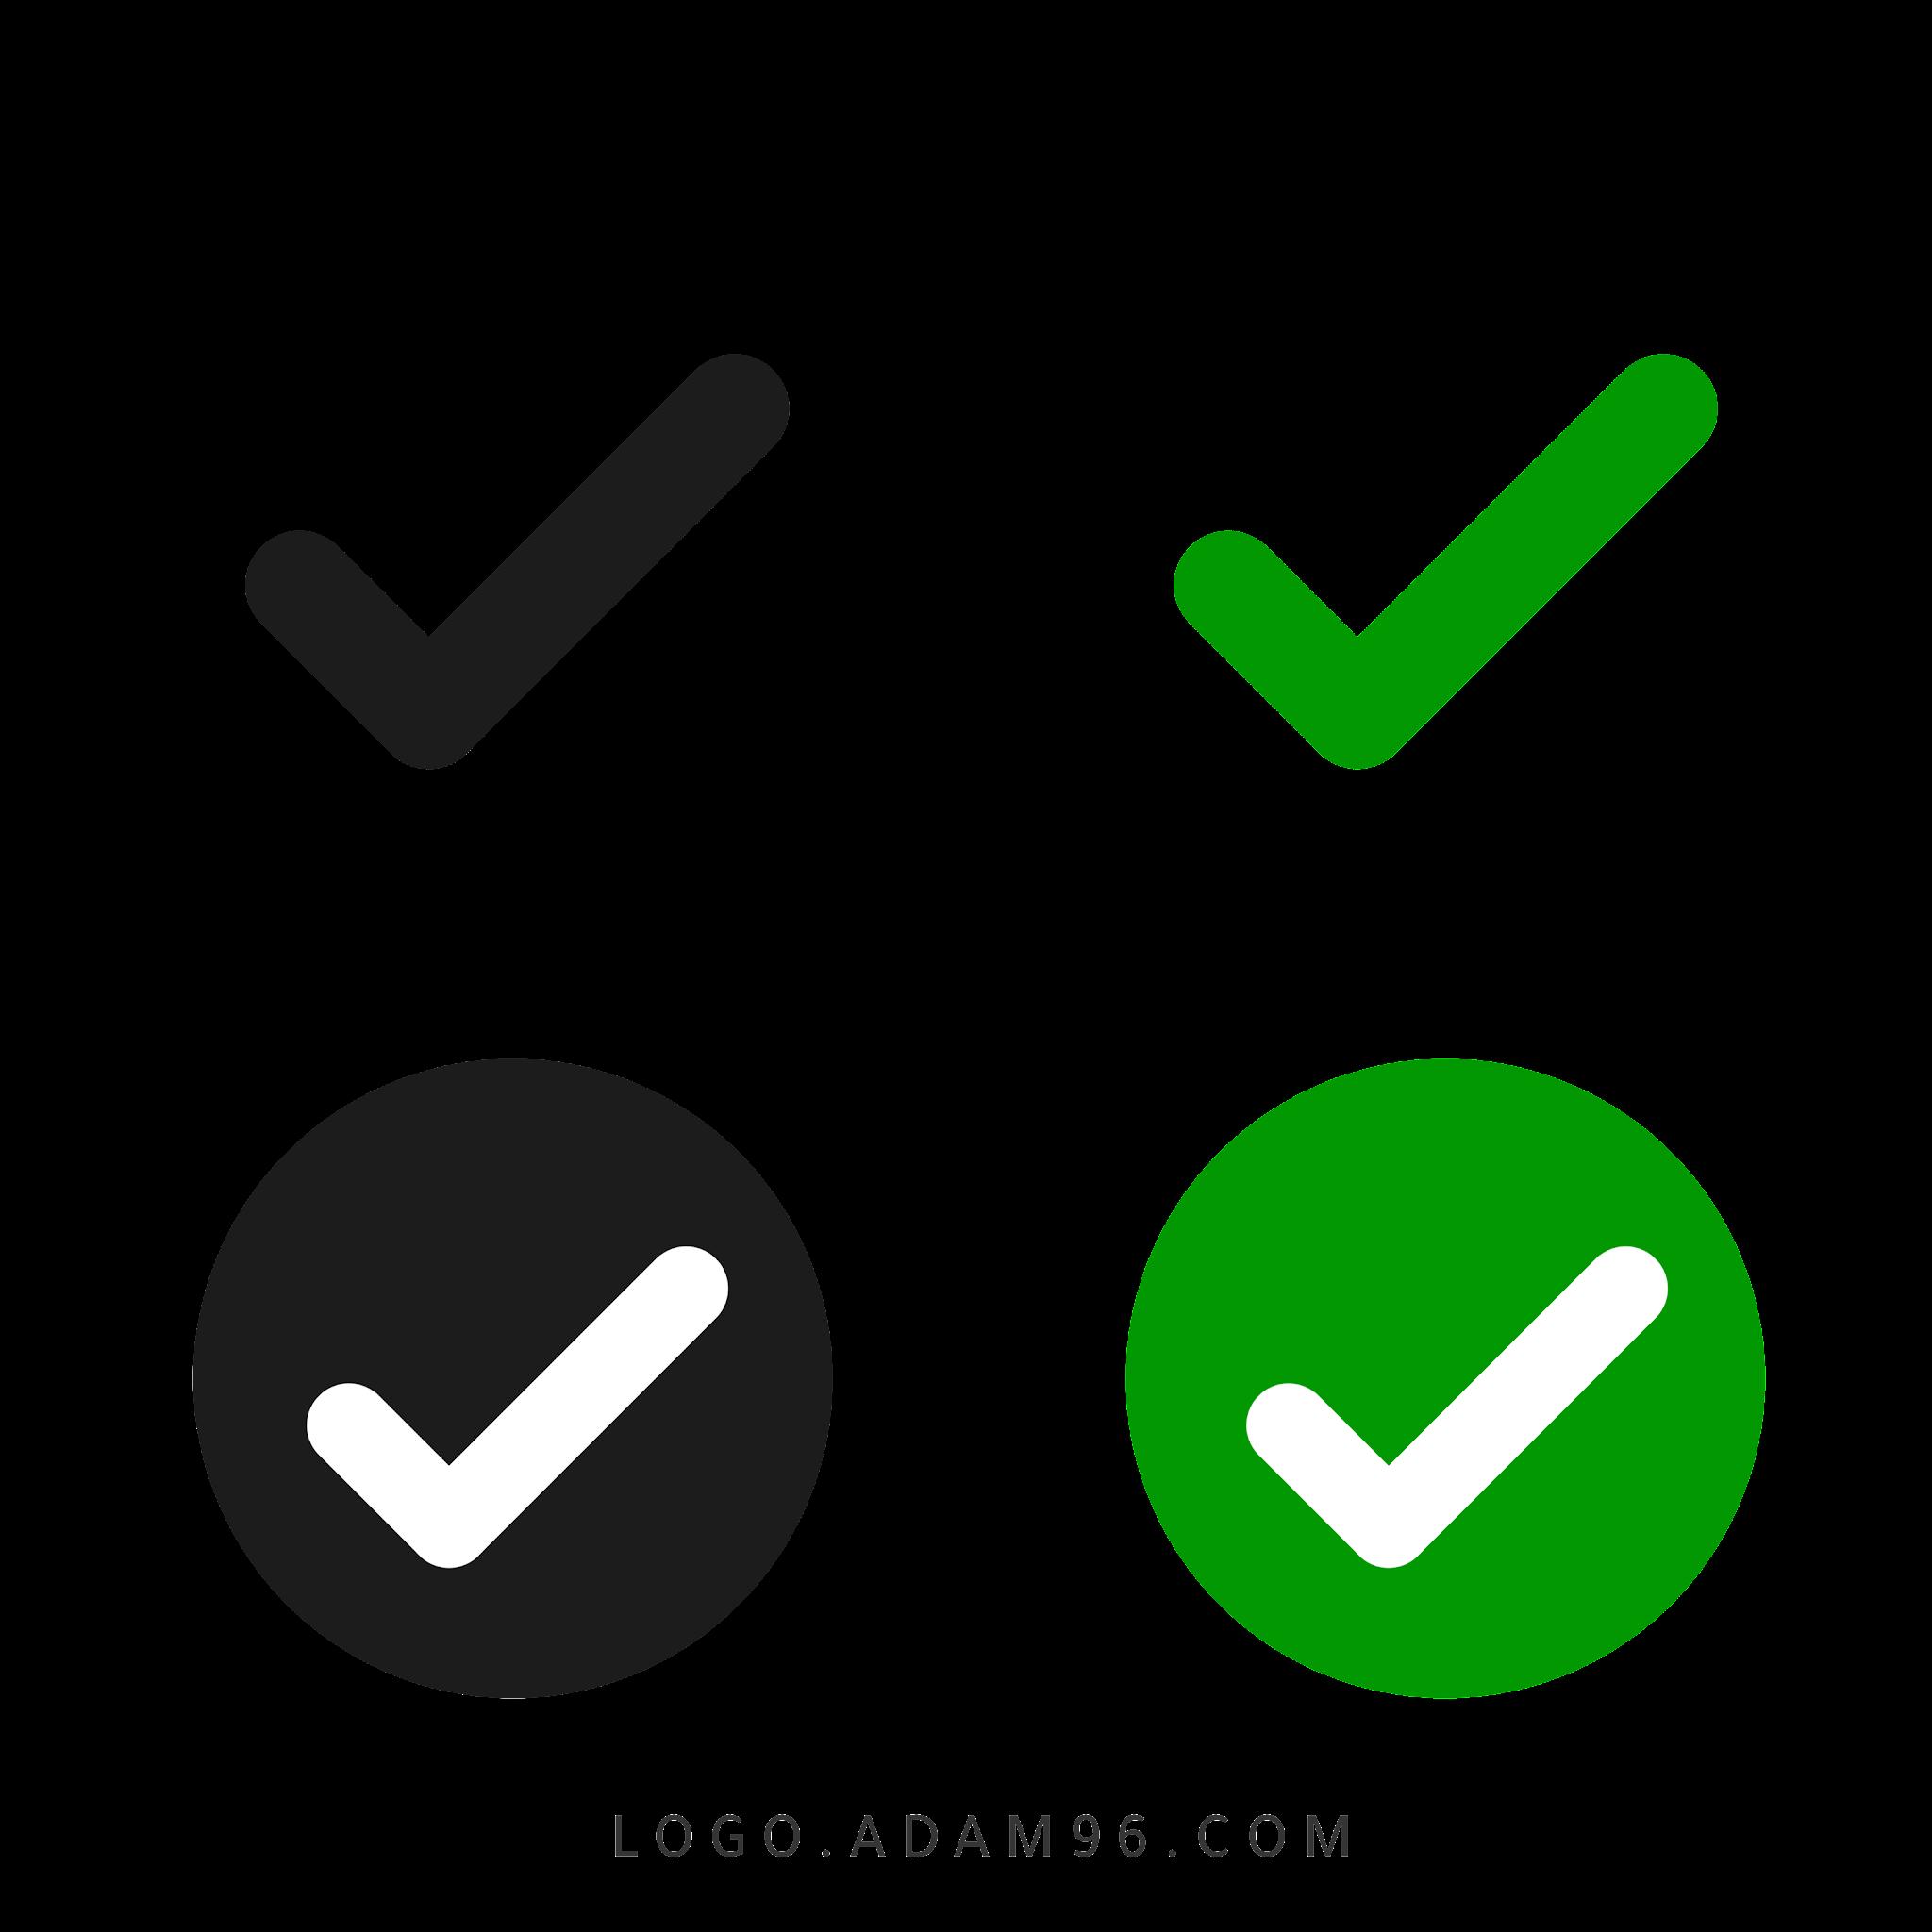 تحميل ايقونة علامة اختبار ايجابية مفرغة Icon Positive Test Mark PNG